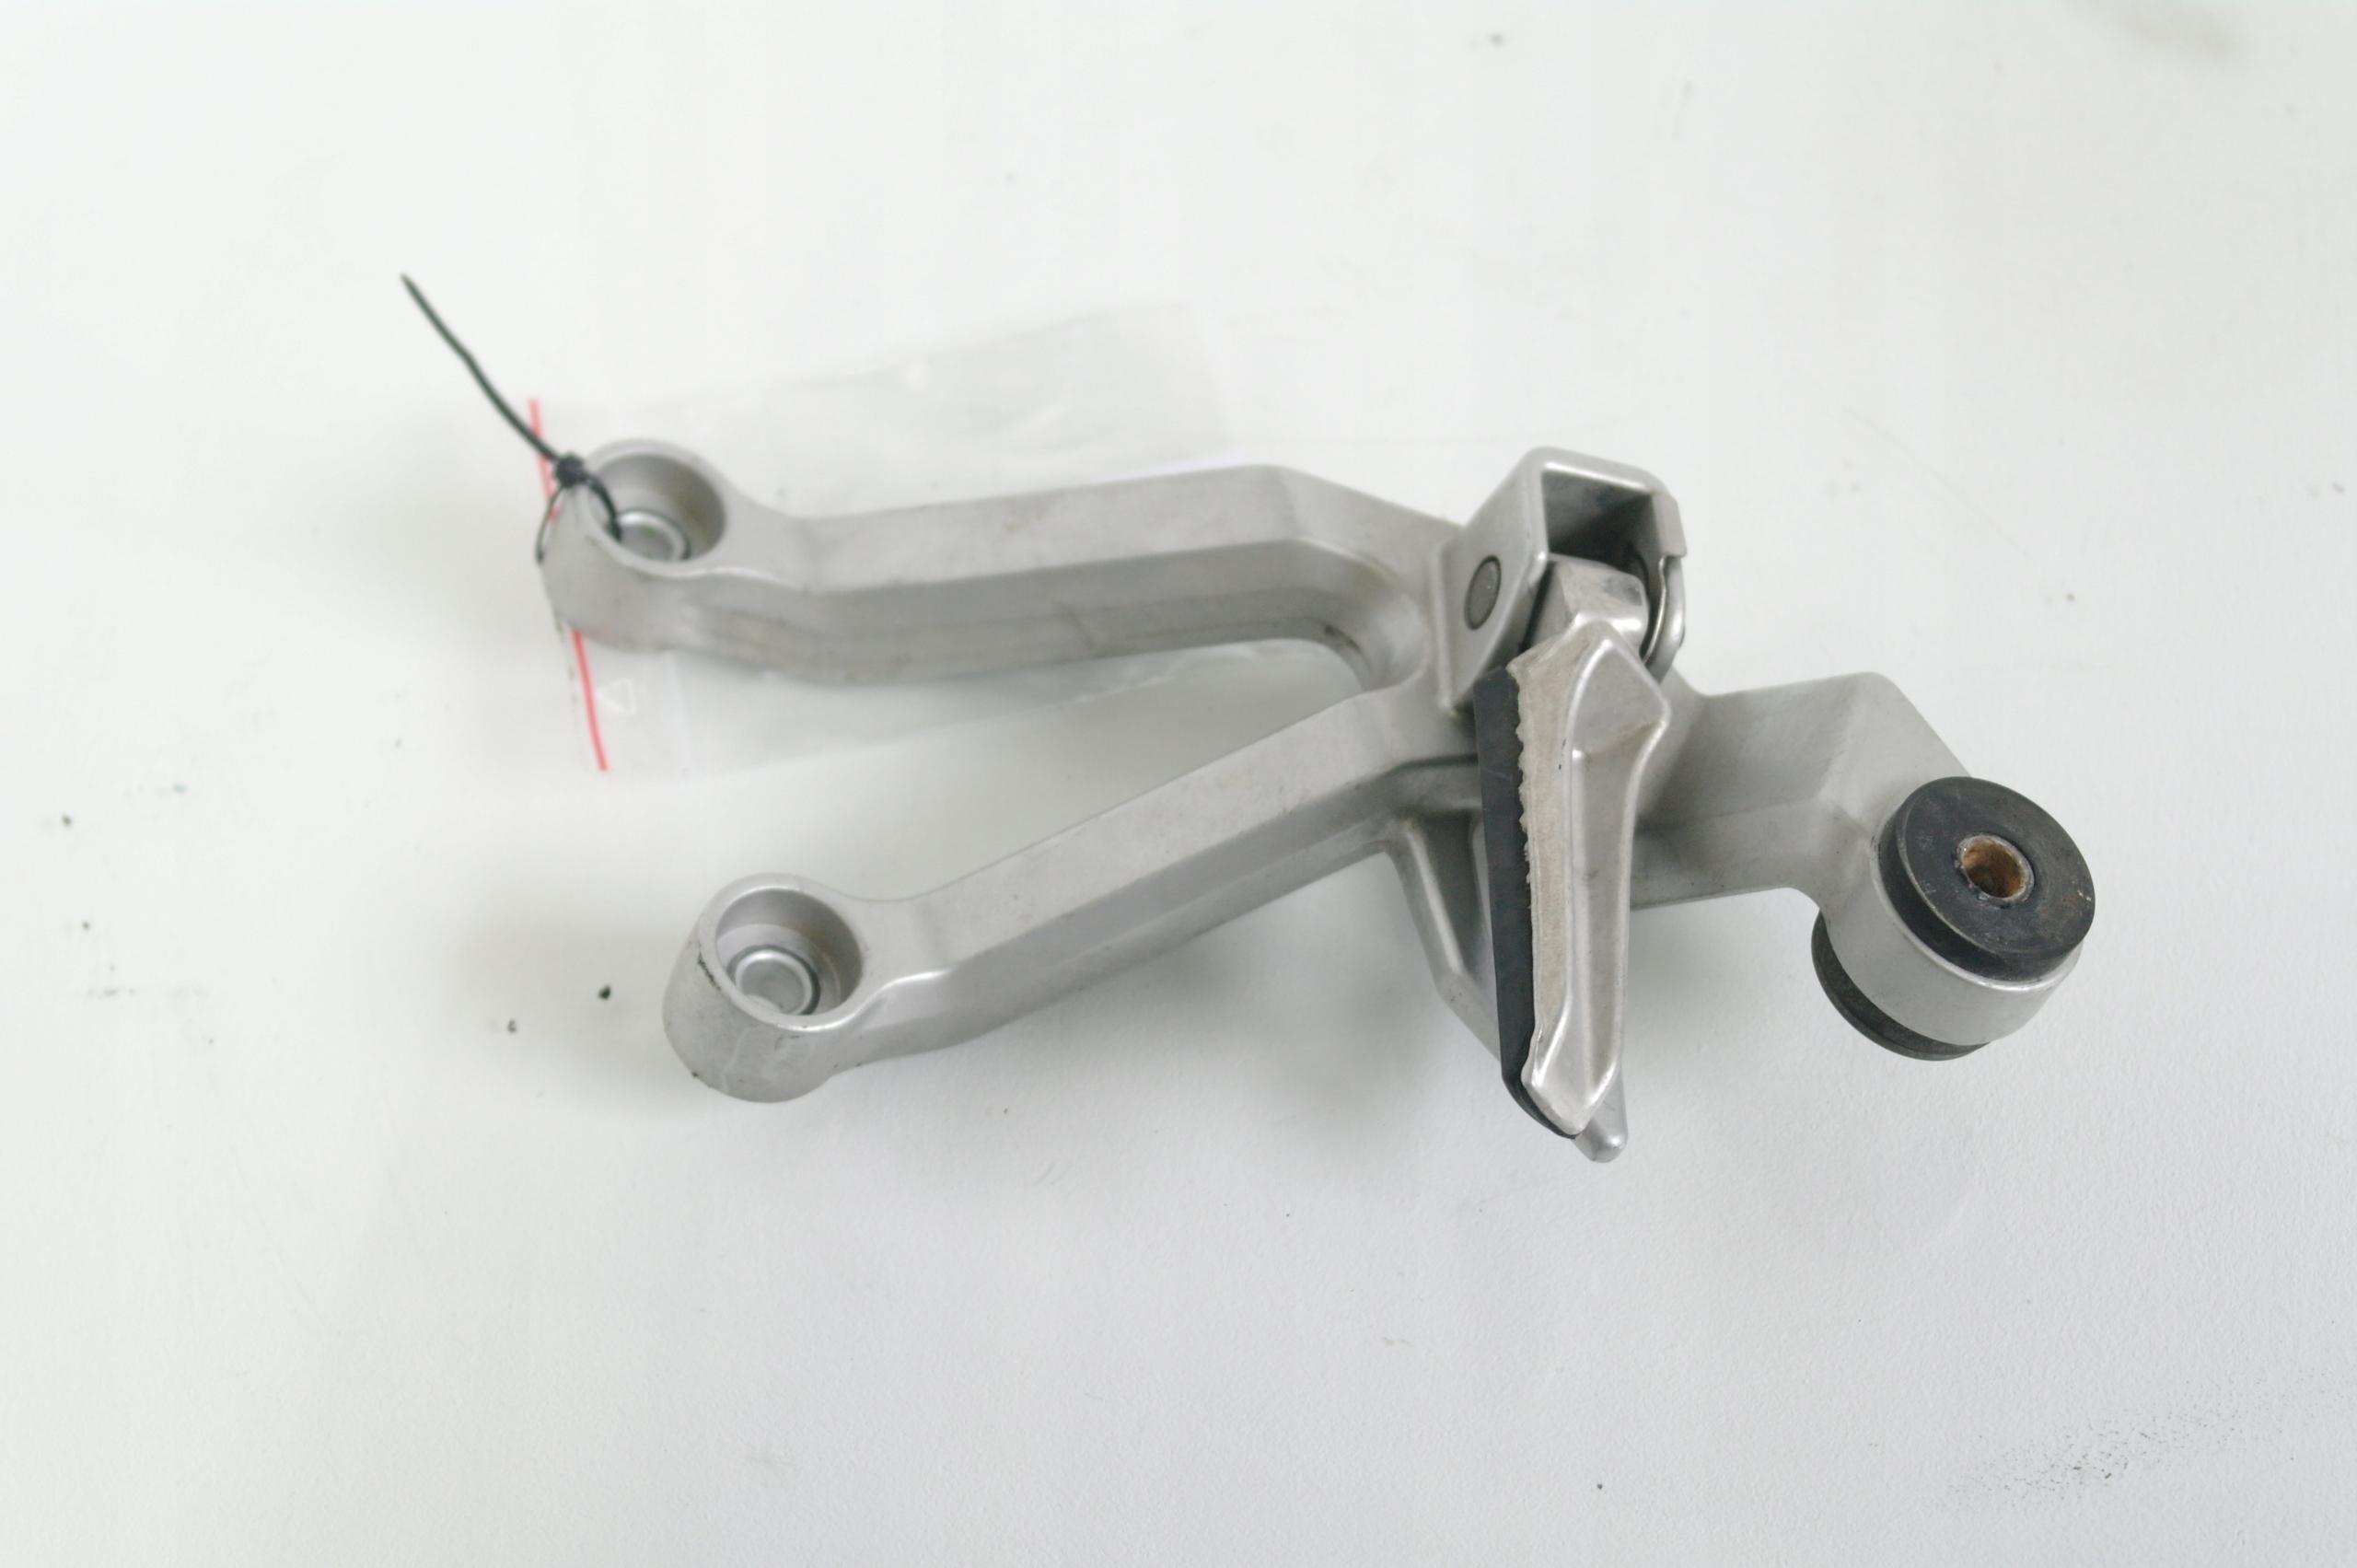 SET PRAWY Suzuki SV 1000 03-07